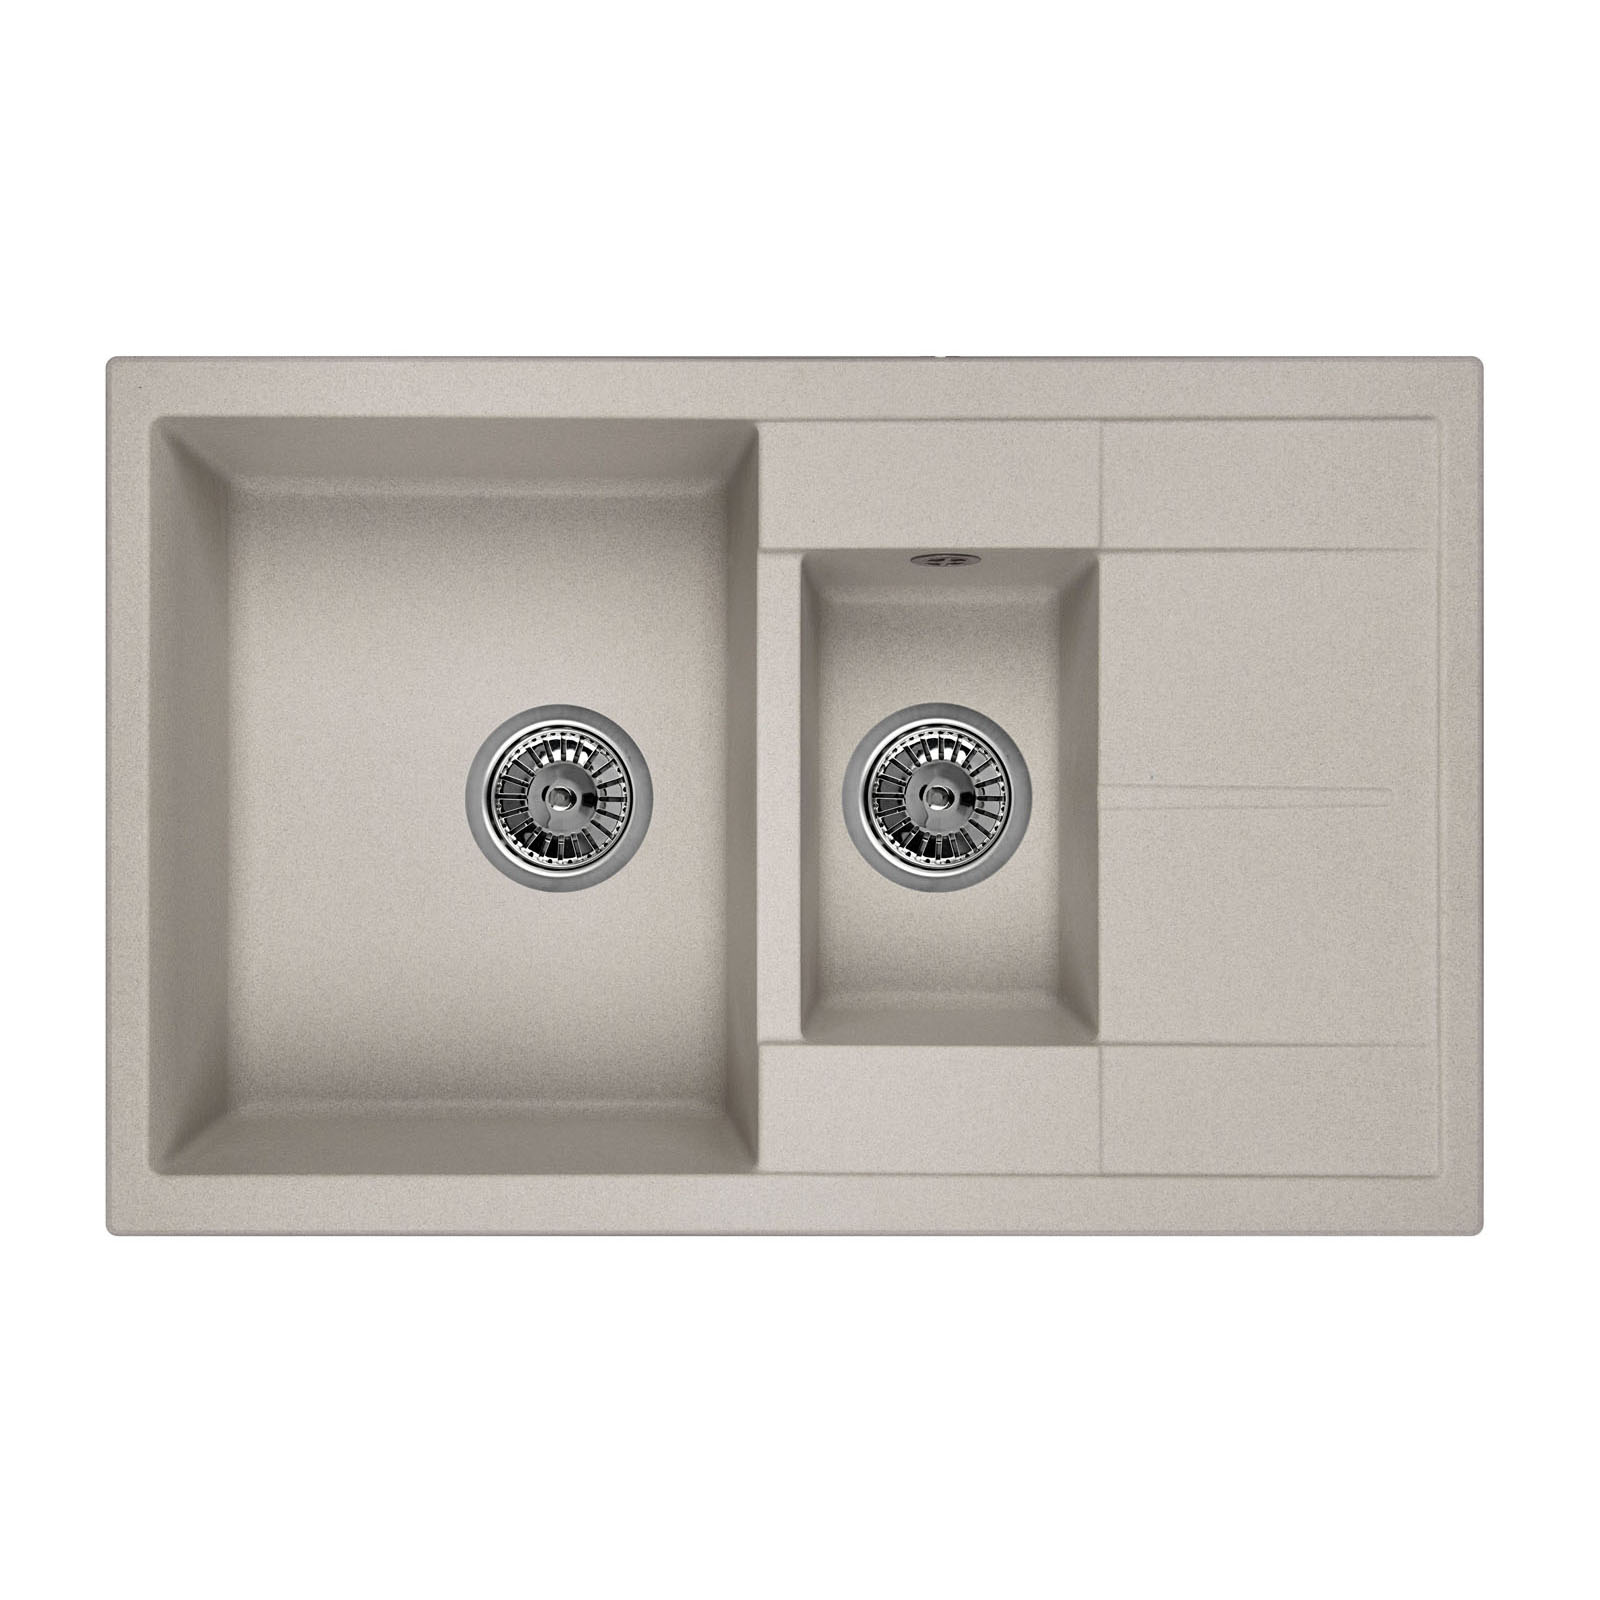 Кухонная мойка Granula GR-7802 775х495 базальт посуда кухонная